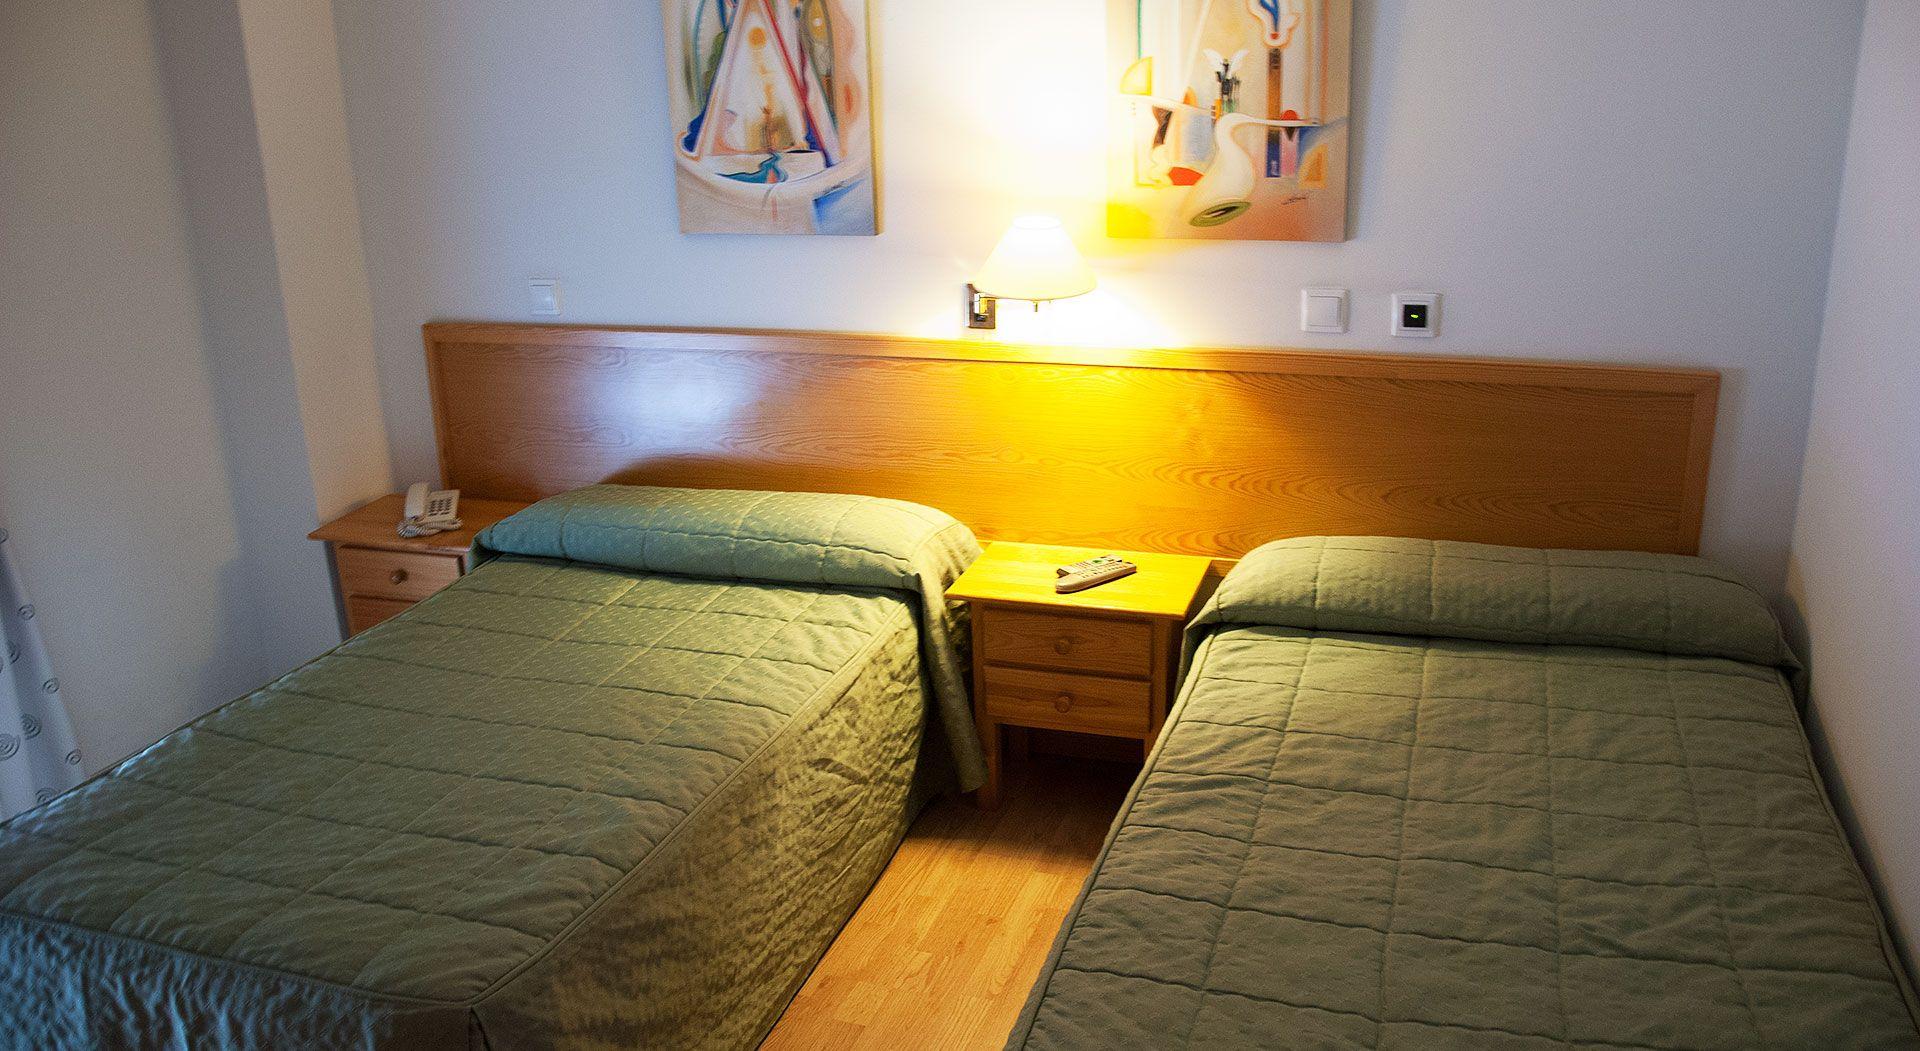 Habitaci n doble con dos camas for Habitacion con dos camas